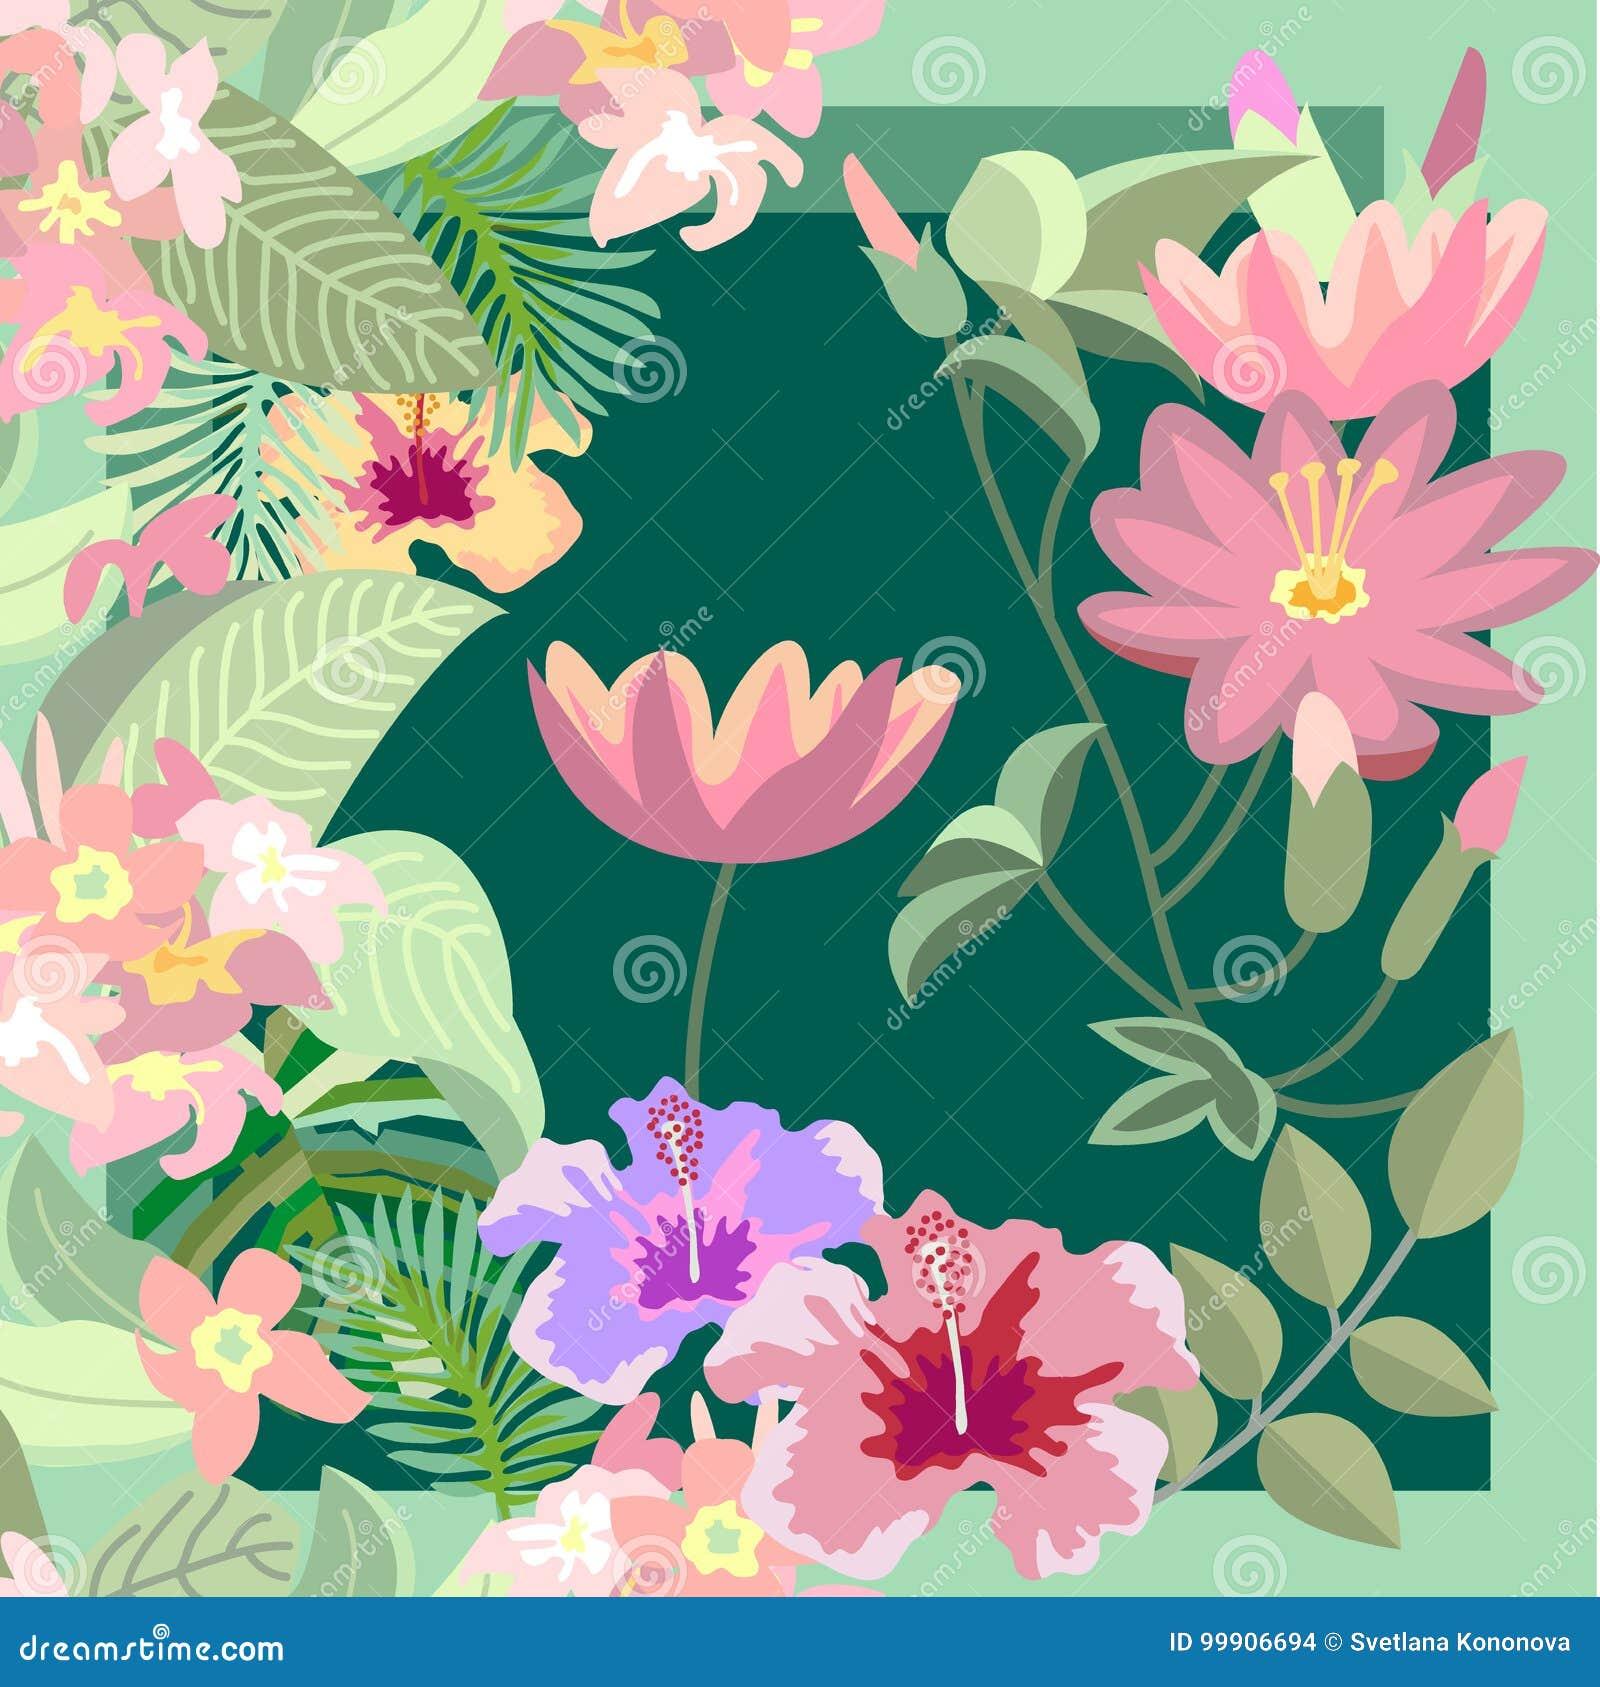 Lotus tropical garden stock vector illustration of flower 99906694 download lotus tropical garden stock vector illustration of flower 99906694 izmirmasajfo